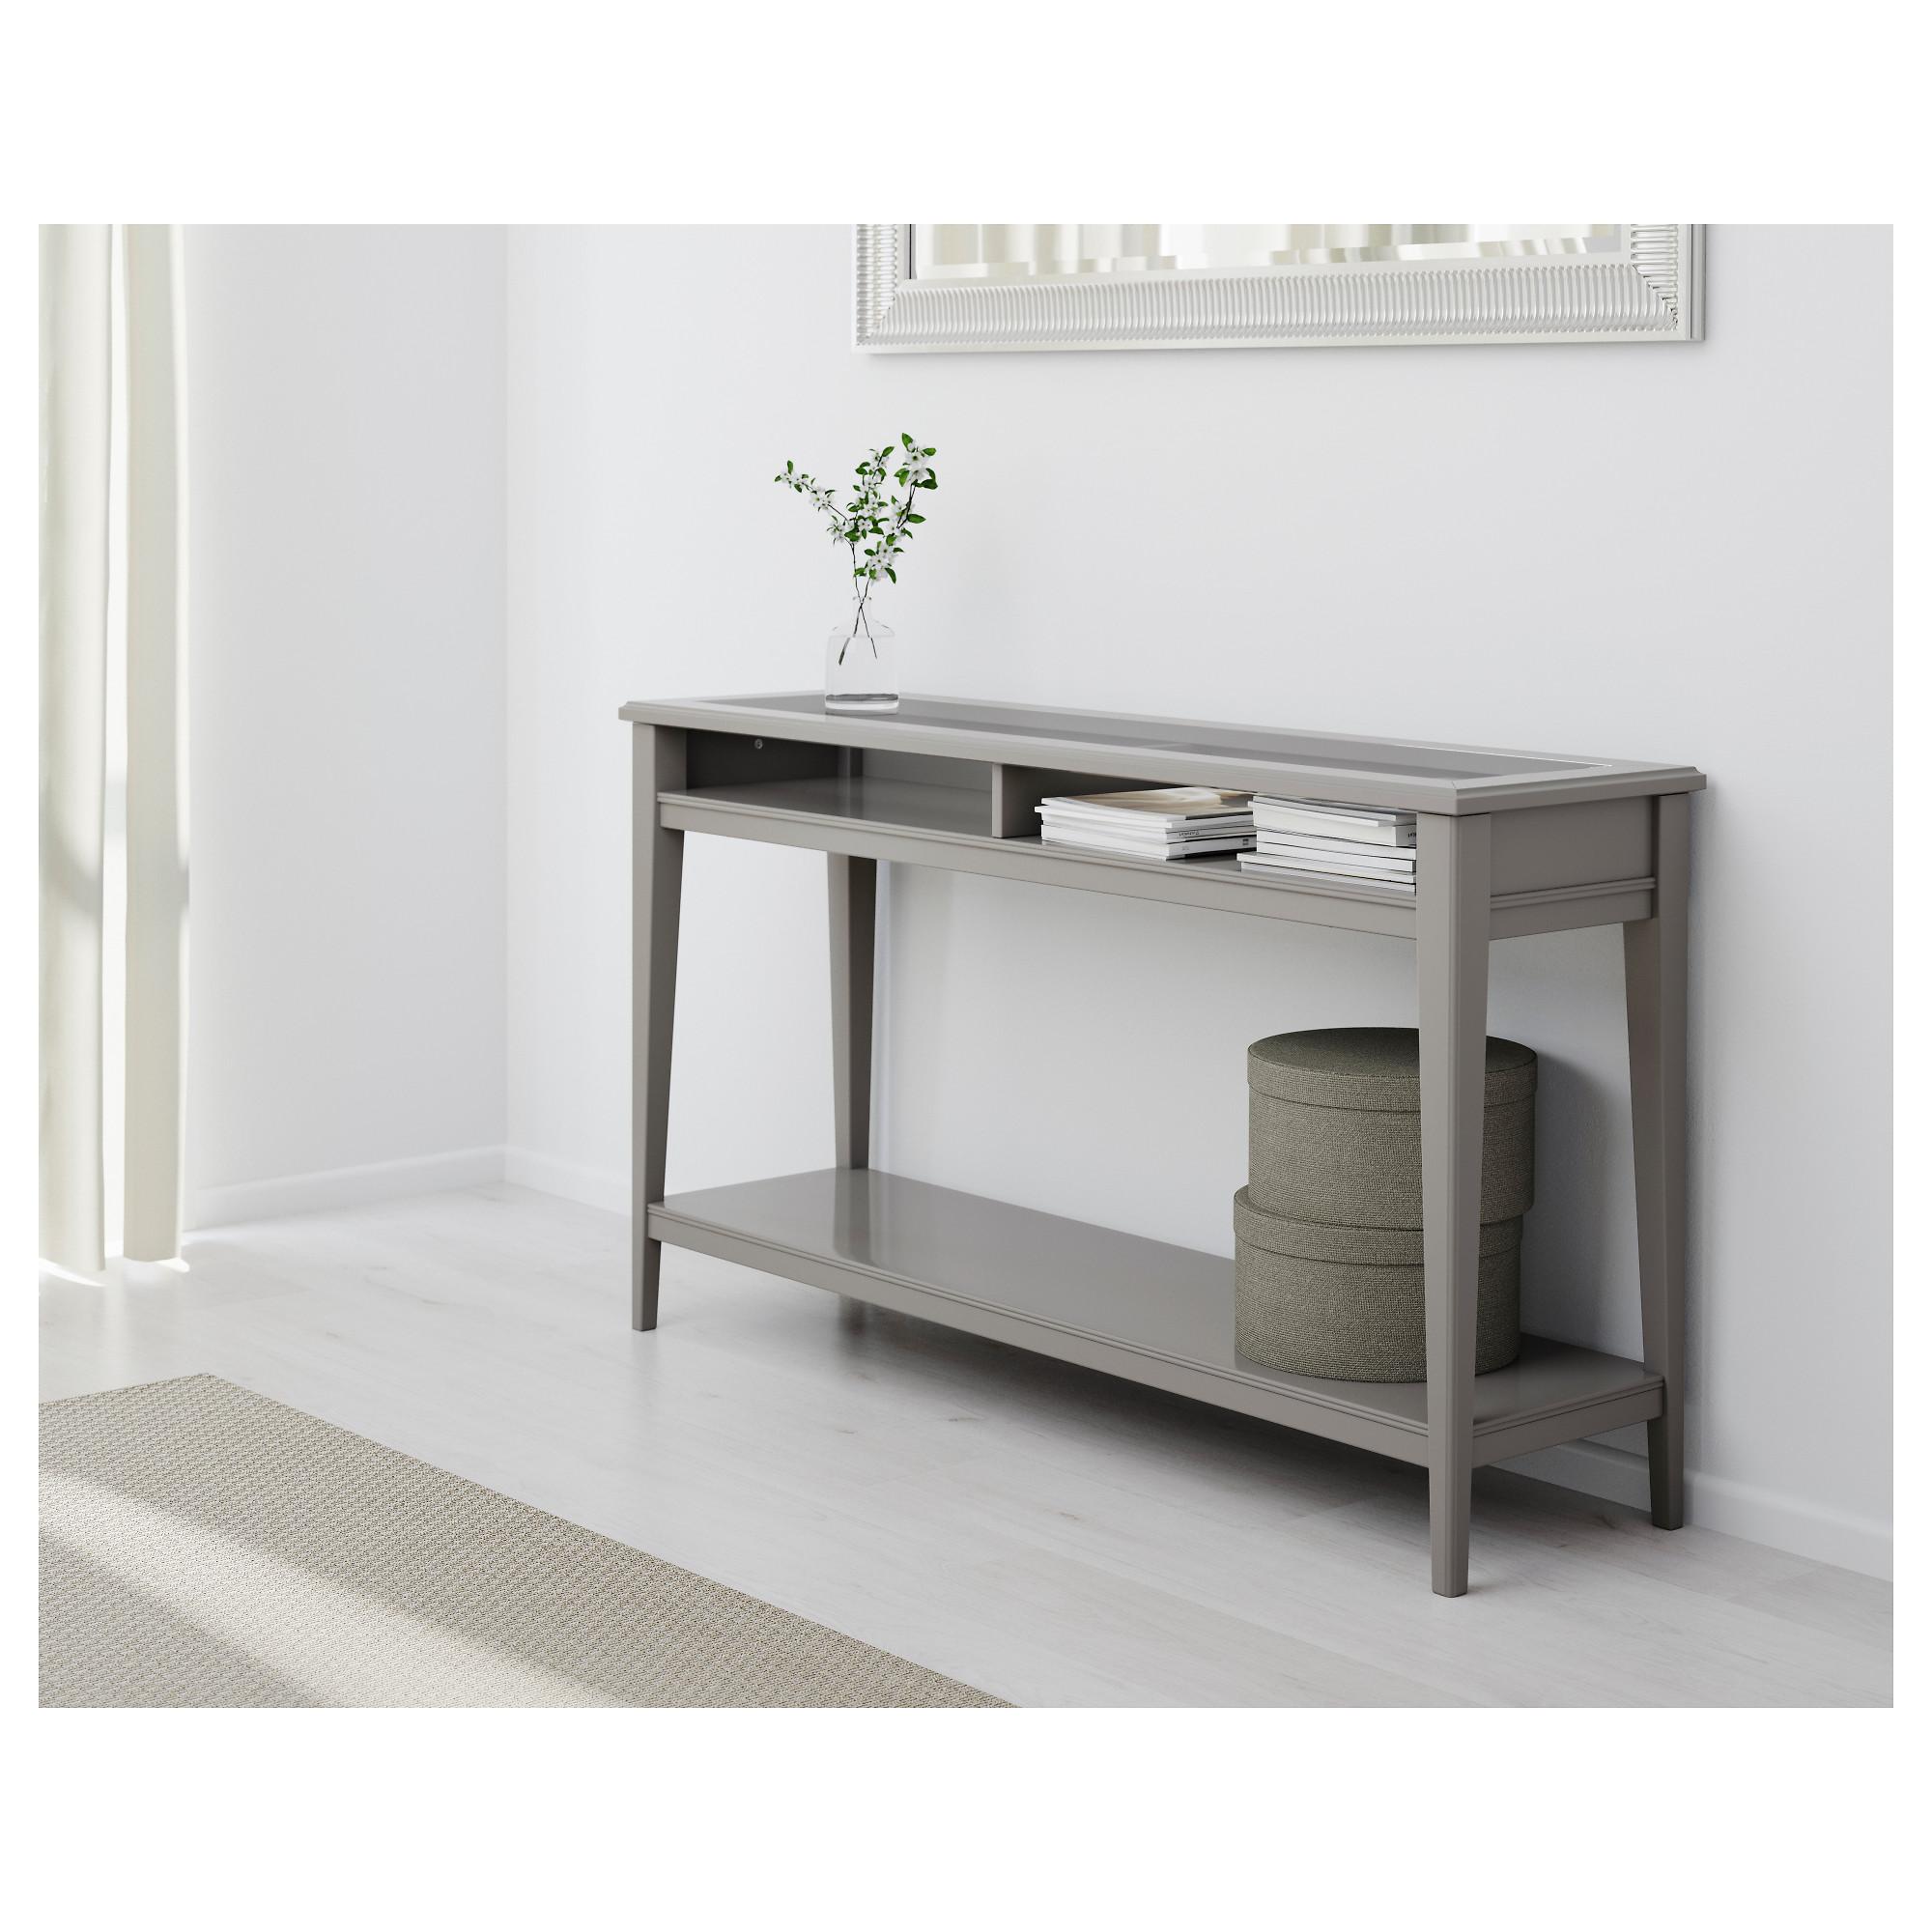 Консольный стол лиаторп в интерьере фото